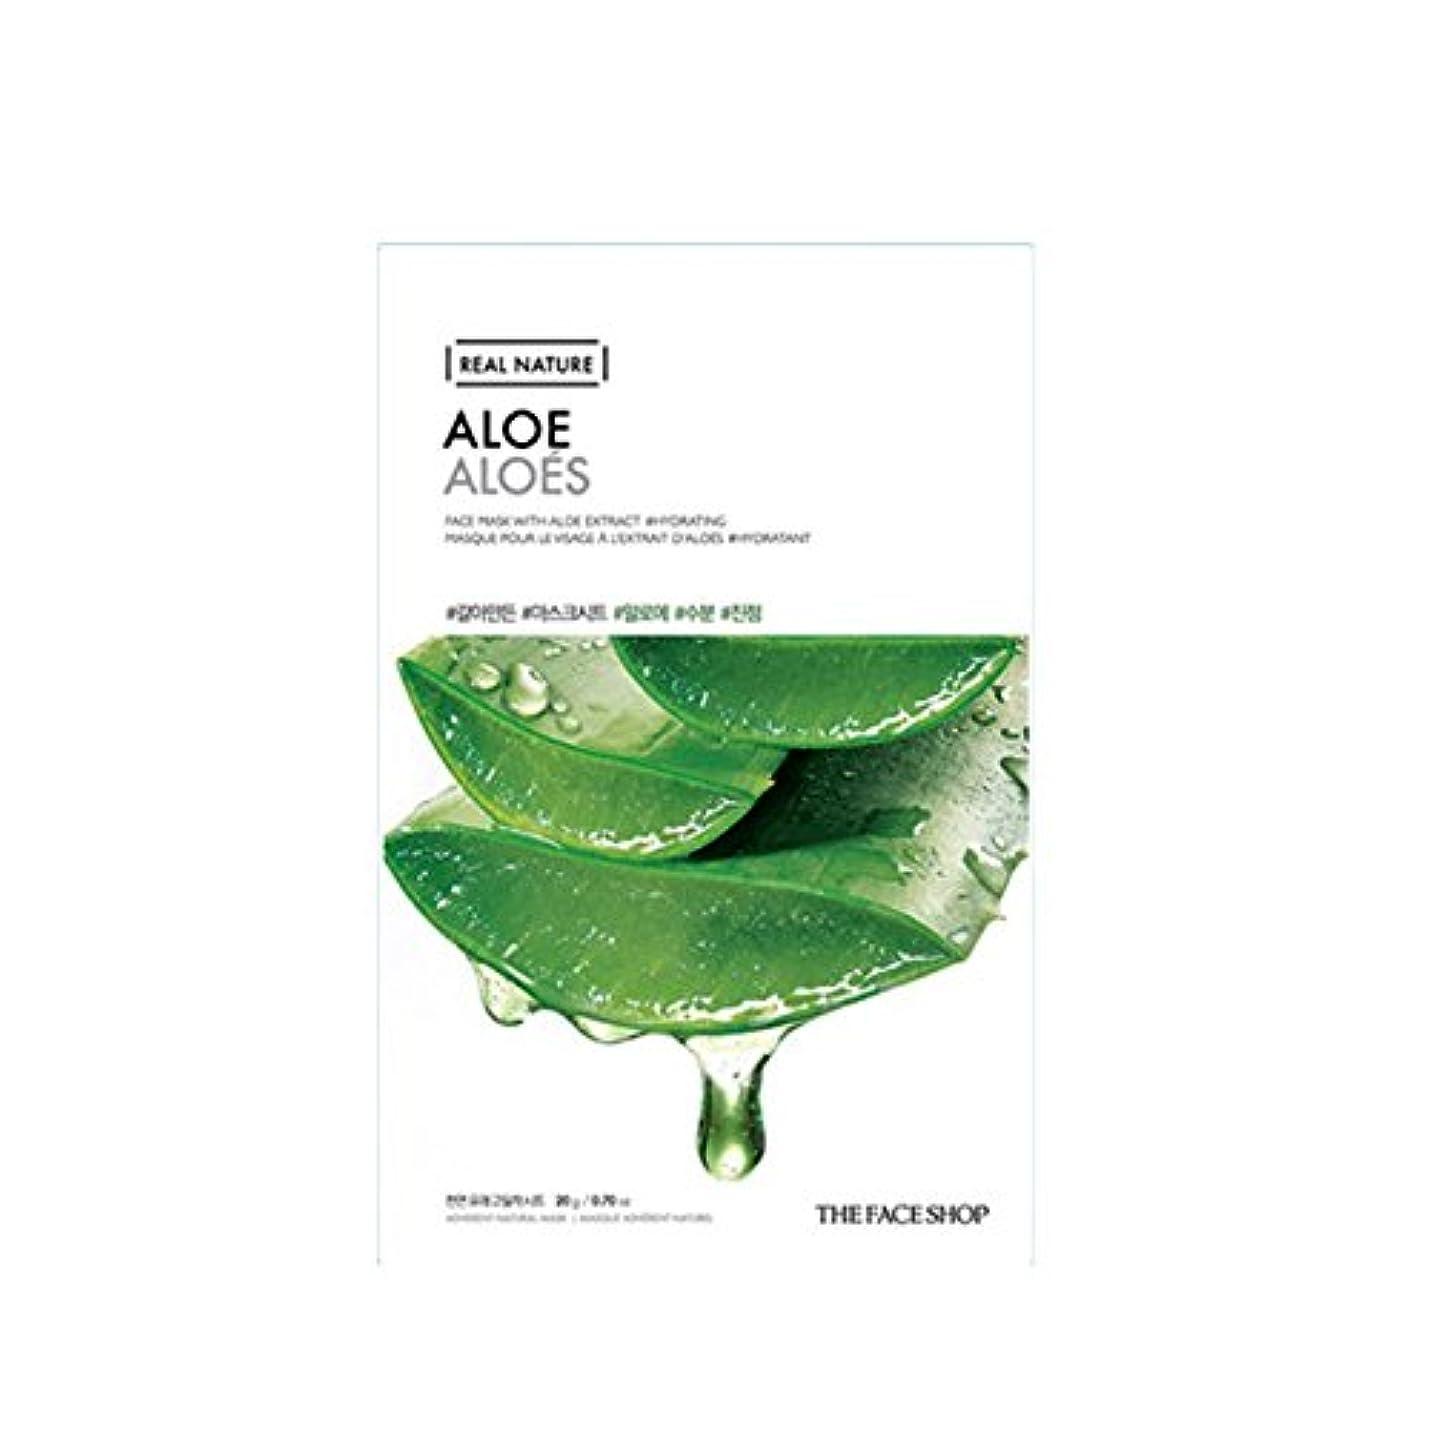 三福祉オーブン[The Face Shop] ザフェイスショップ リアルネイチャーマスクシート Real Nature Mask Sheet (Aloe (アロエ) 10個) [並行輸入品]